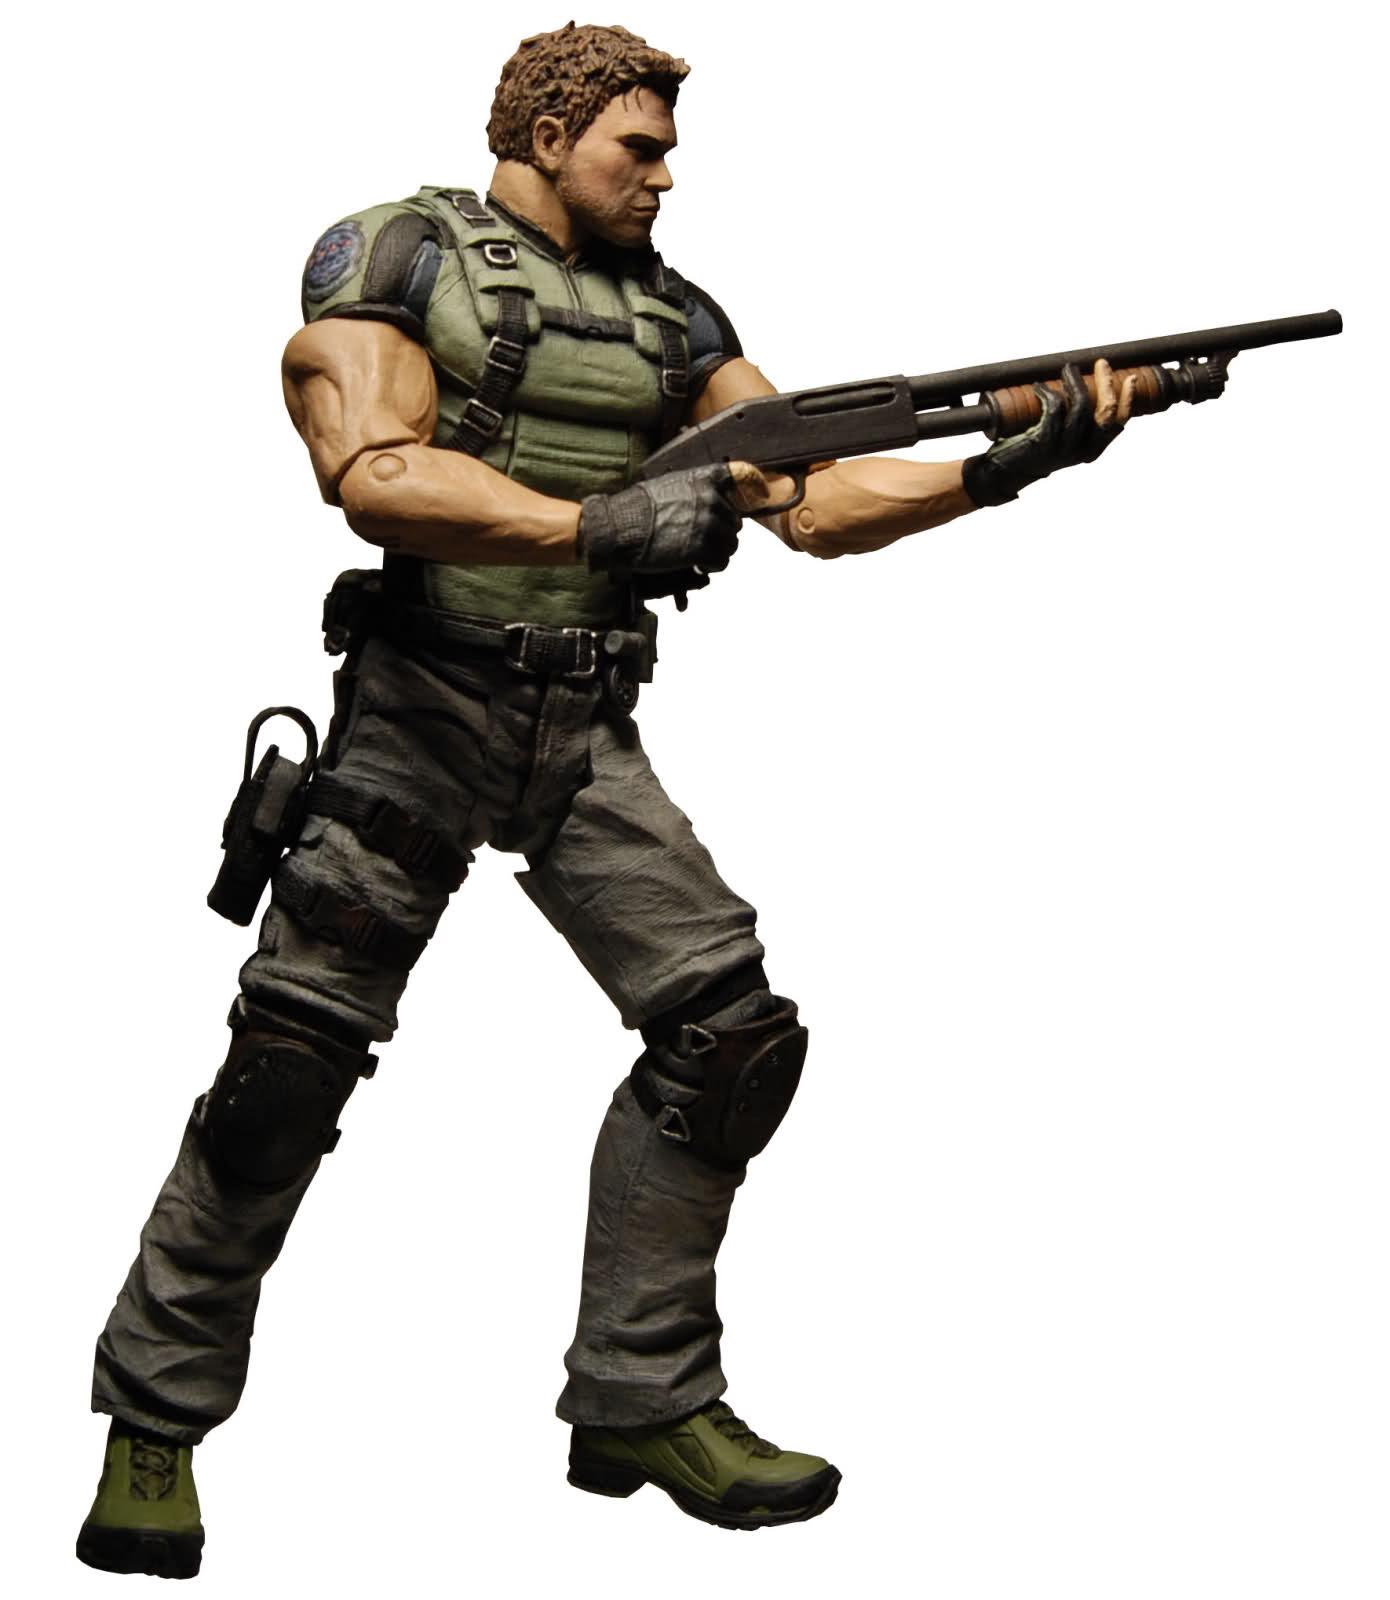 NECA Resident Evil Character Chris Redfield Action Figure ToysNECA Resident Evil Character Chris Redfield Action Figure Toys